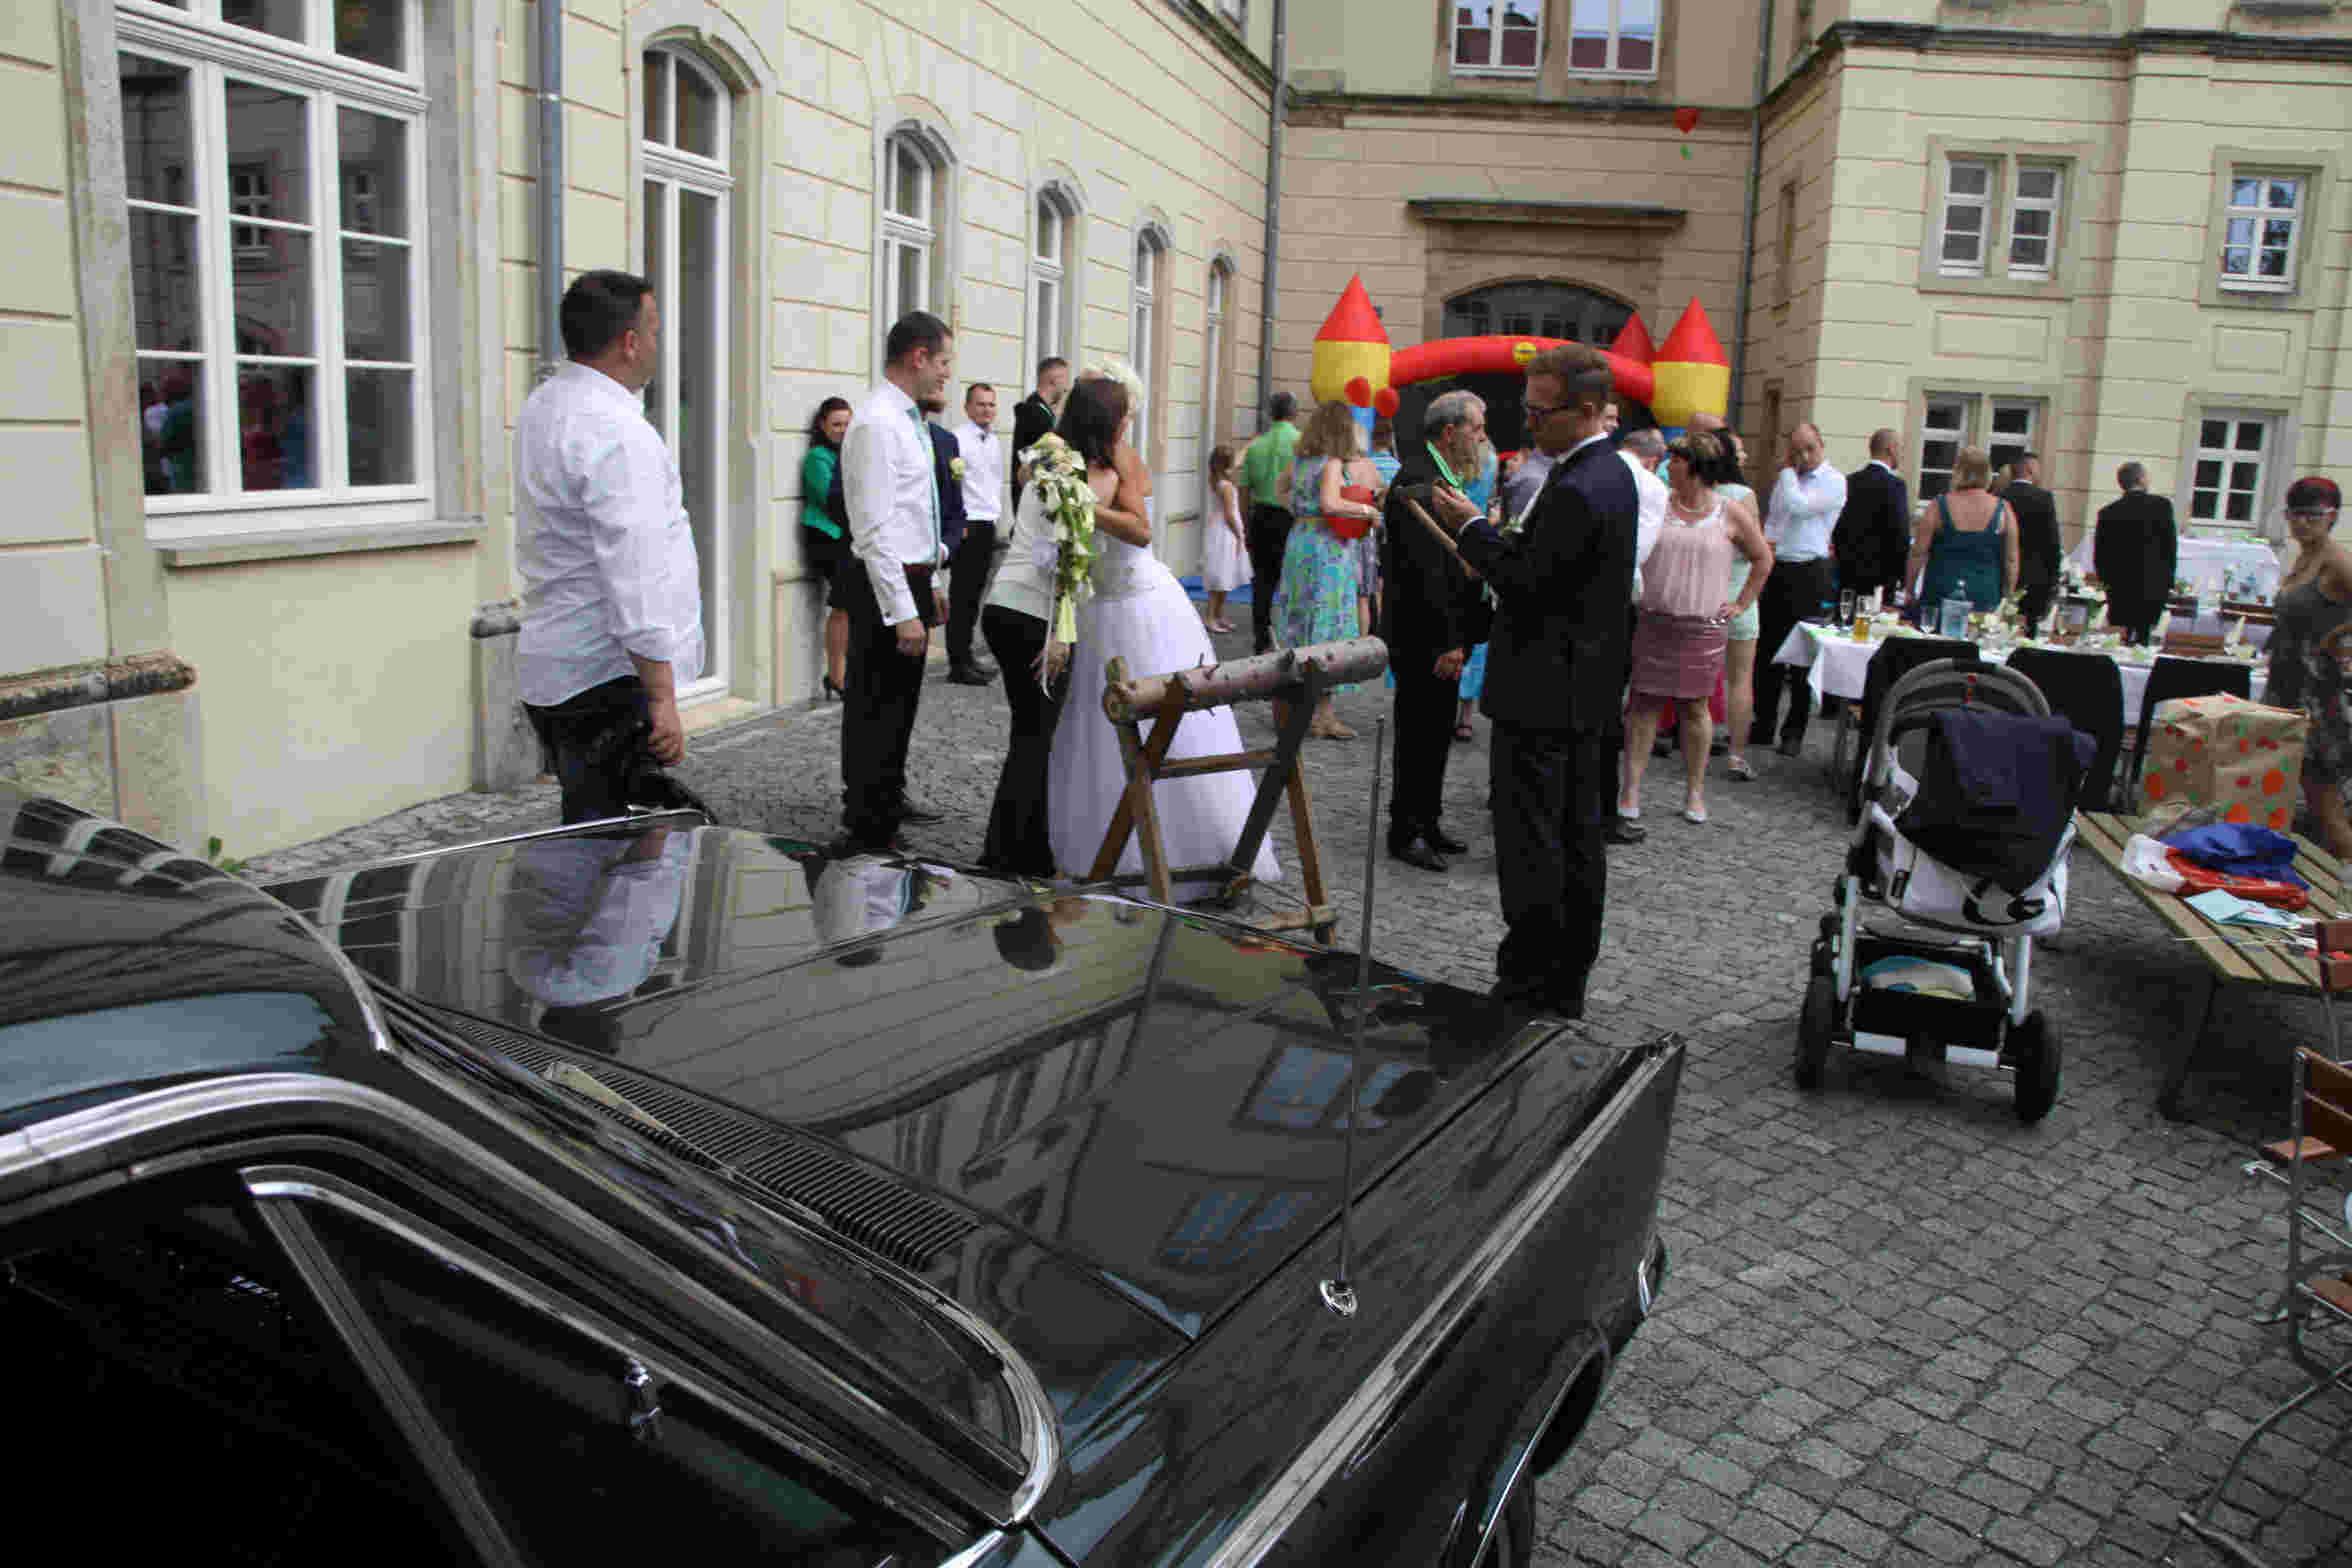 Hochzeitsfeier_im_Außenbereich